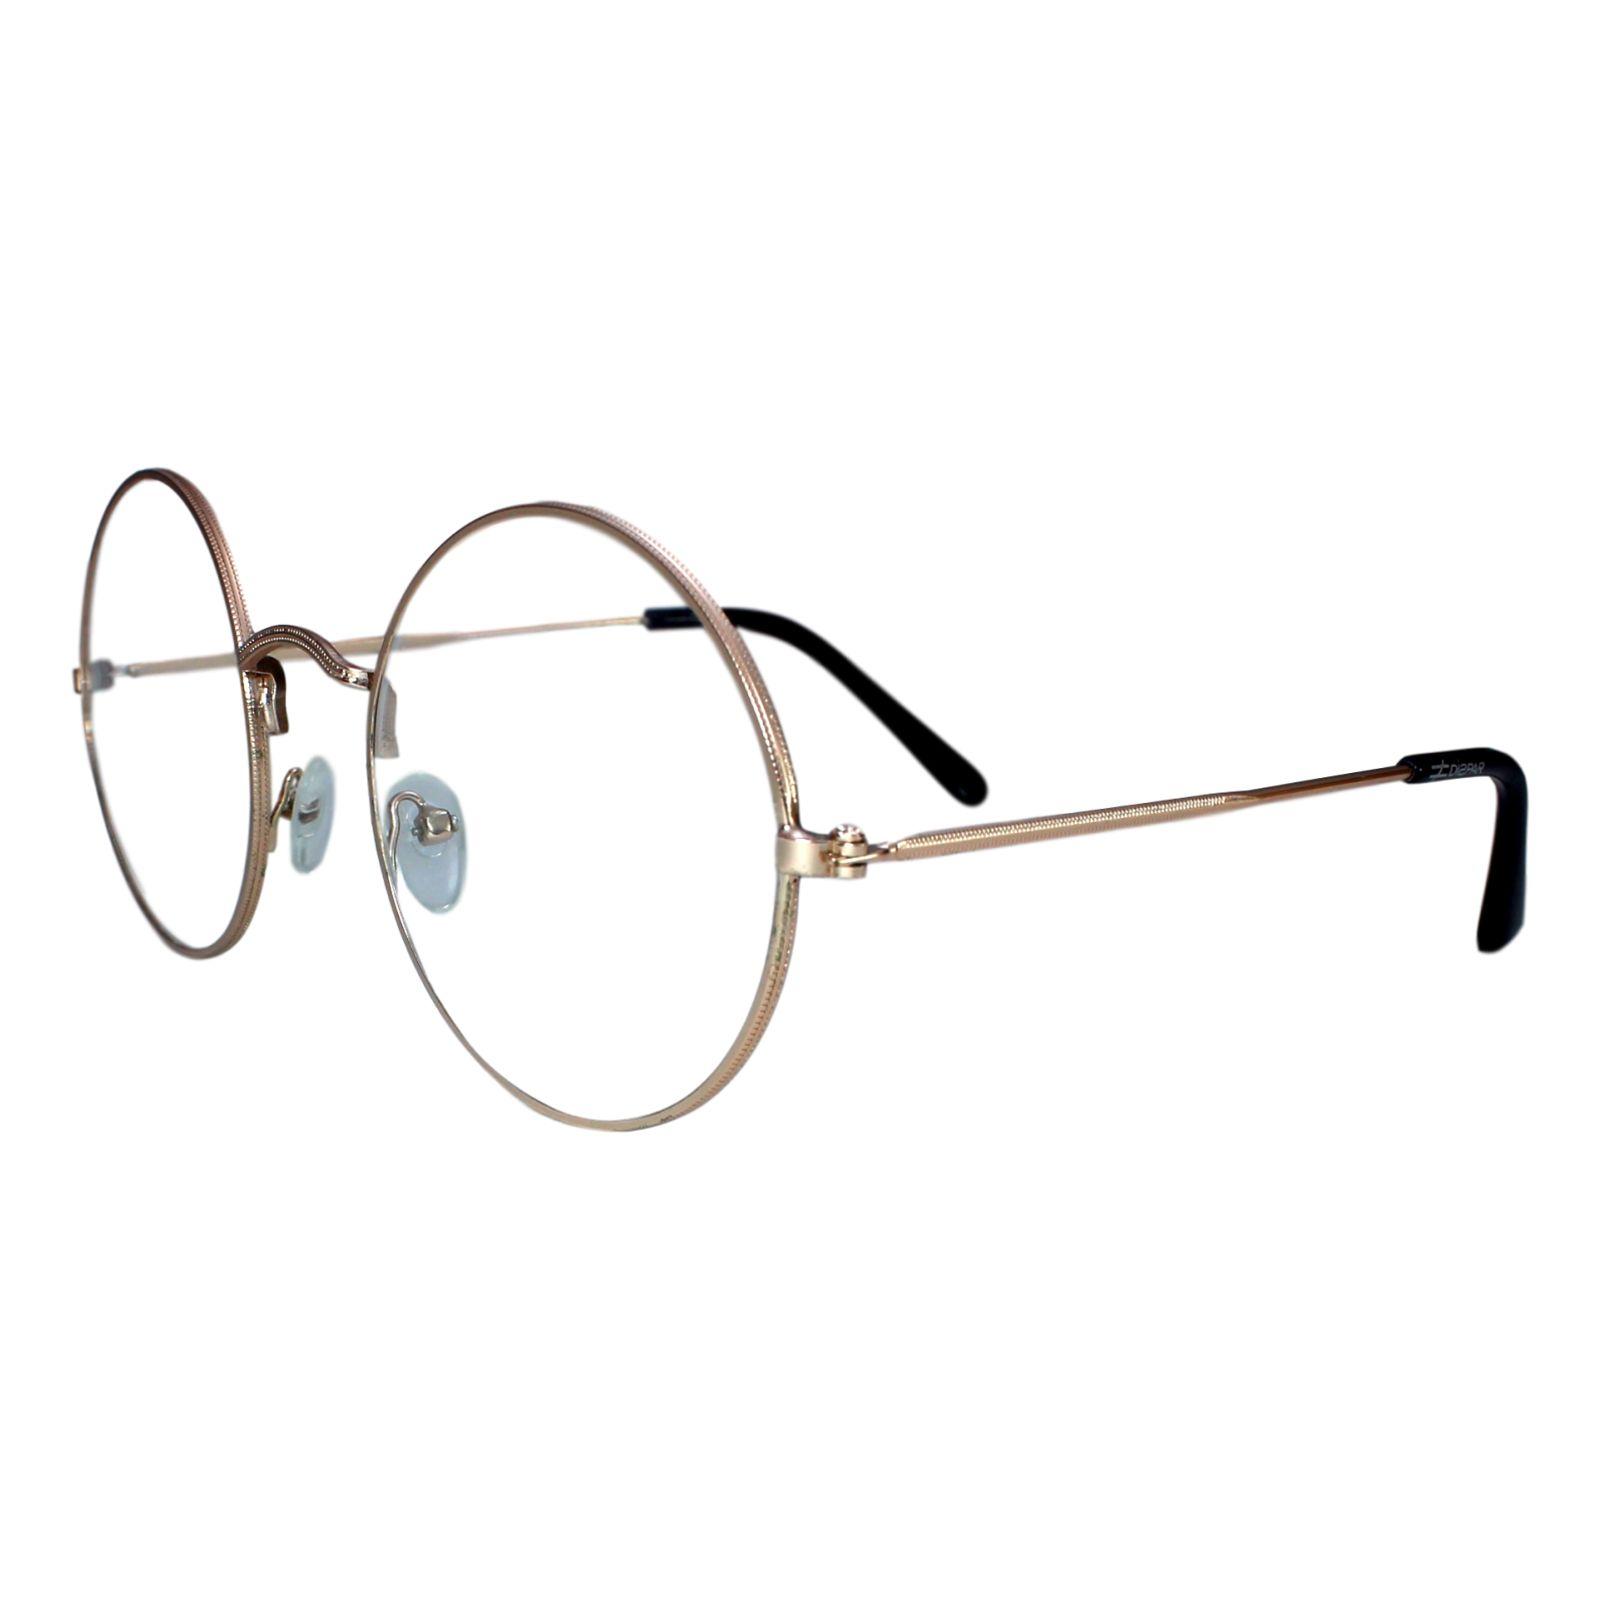 8d5add241 Armação para Óculos Díspar D1646 Dourado